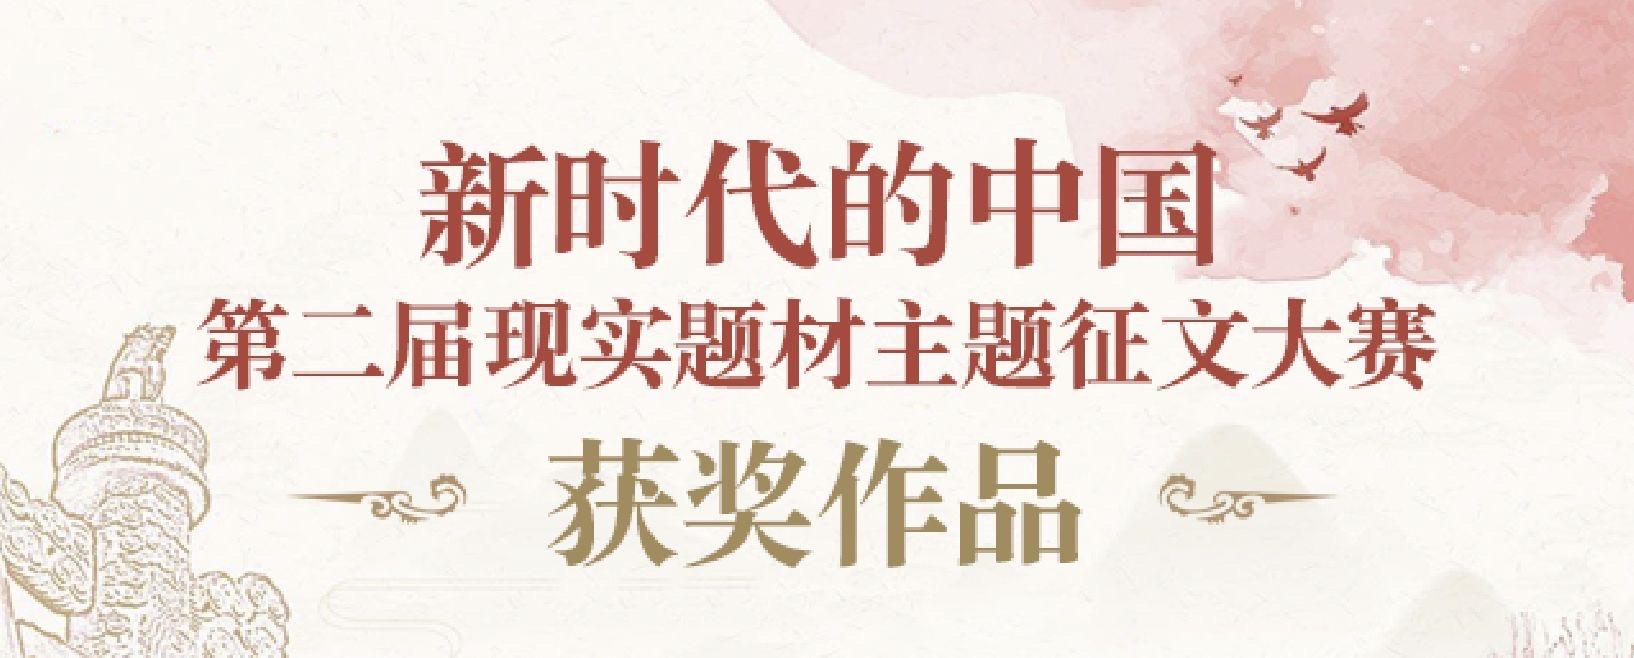 新时代的中国第二届现实题材主题征文大赛获奖作品